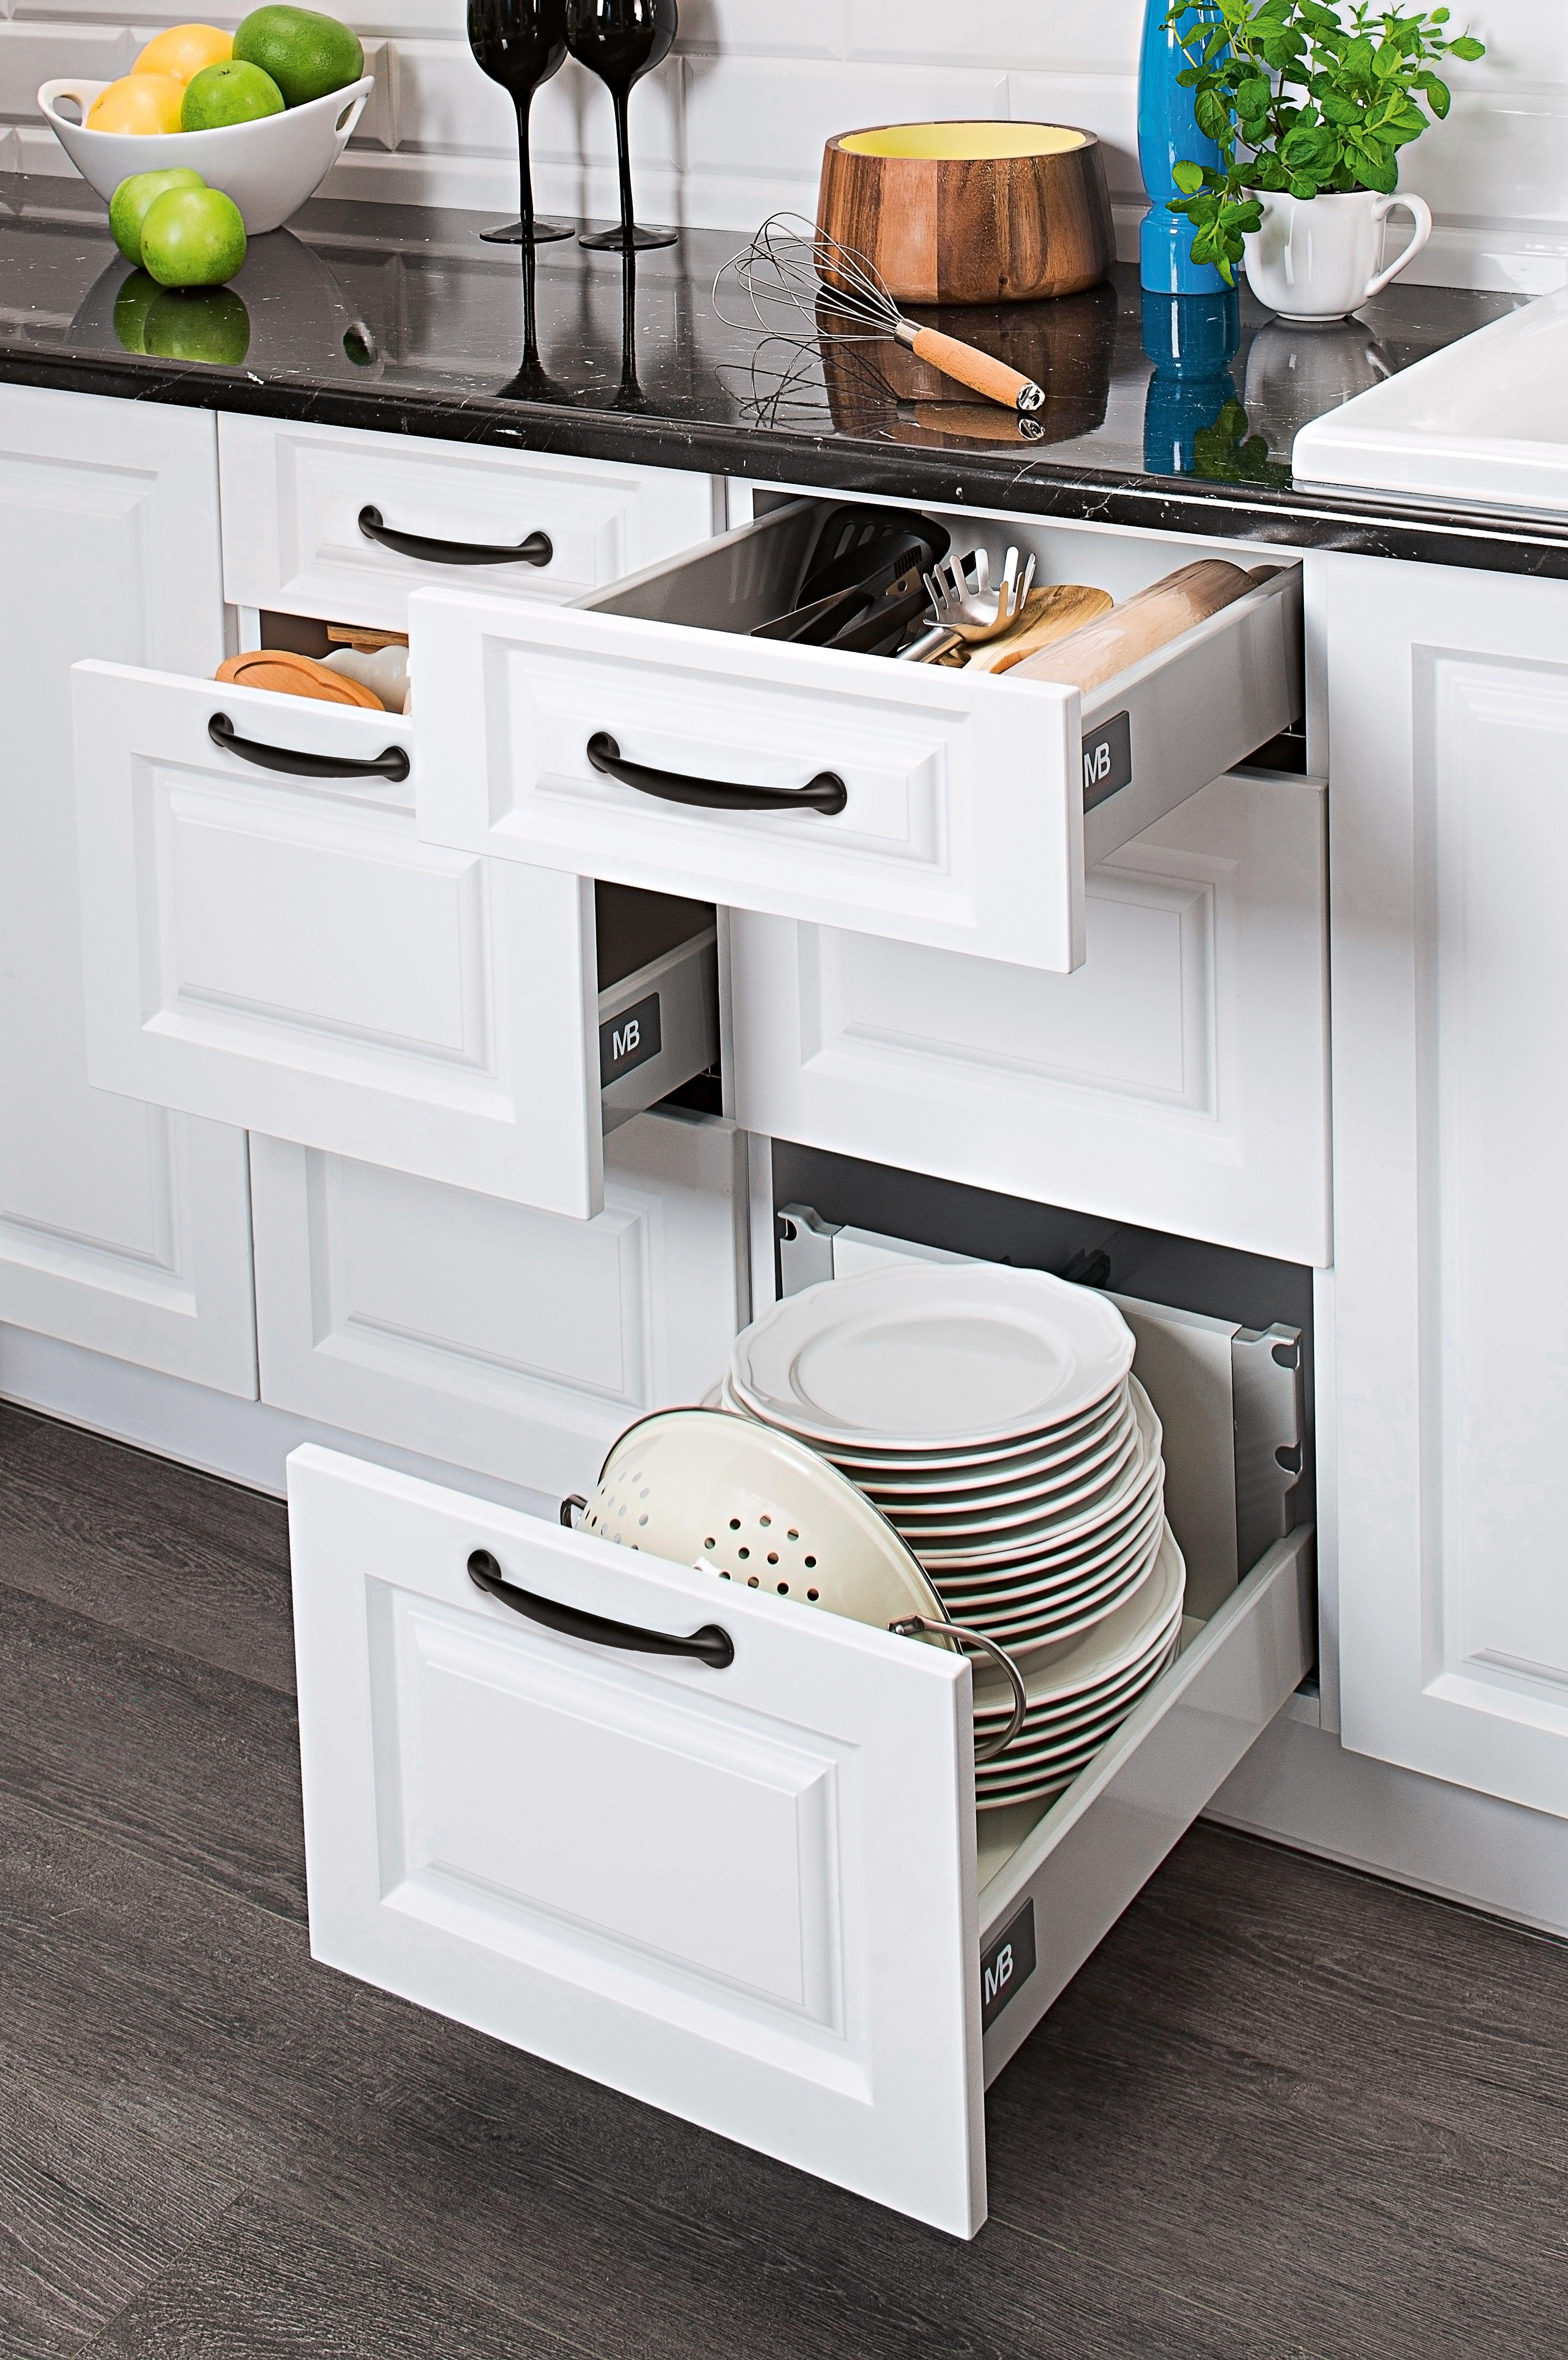 Katalog Kuchnie 2015 Home Decor Home Decor